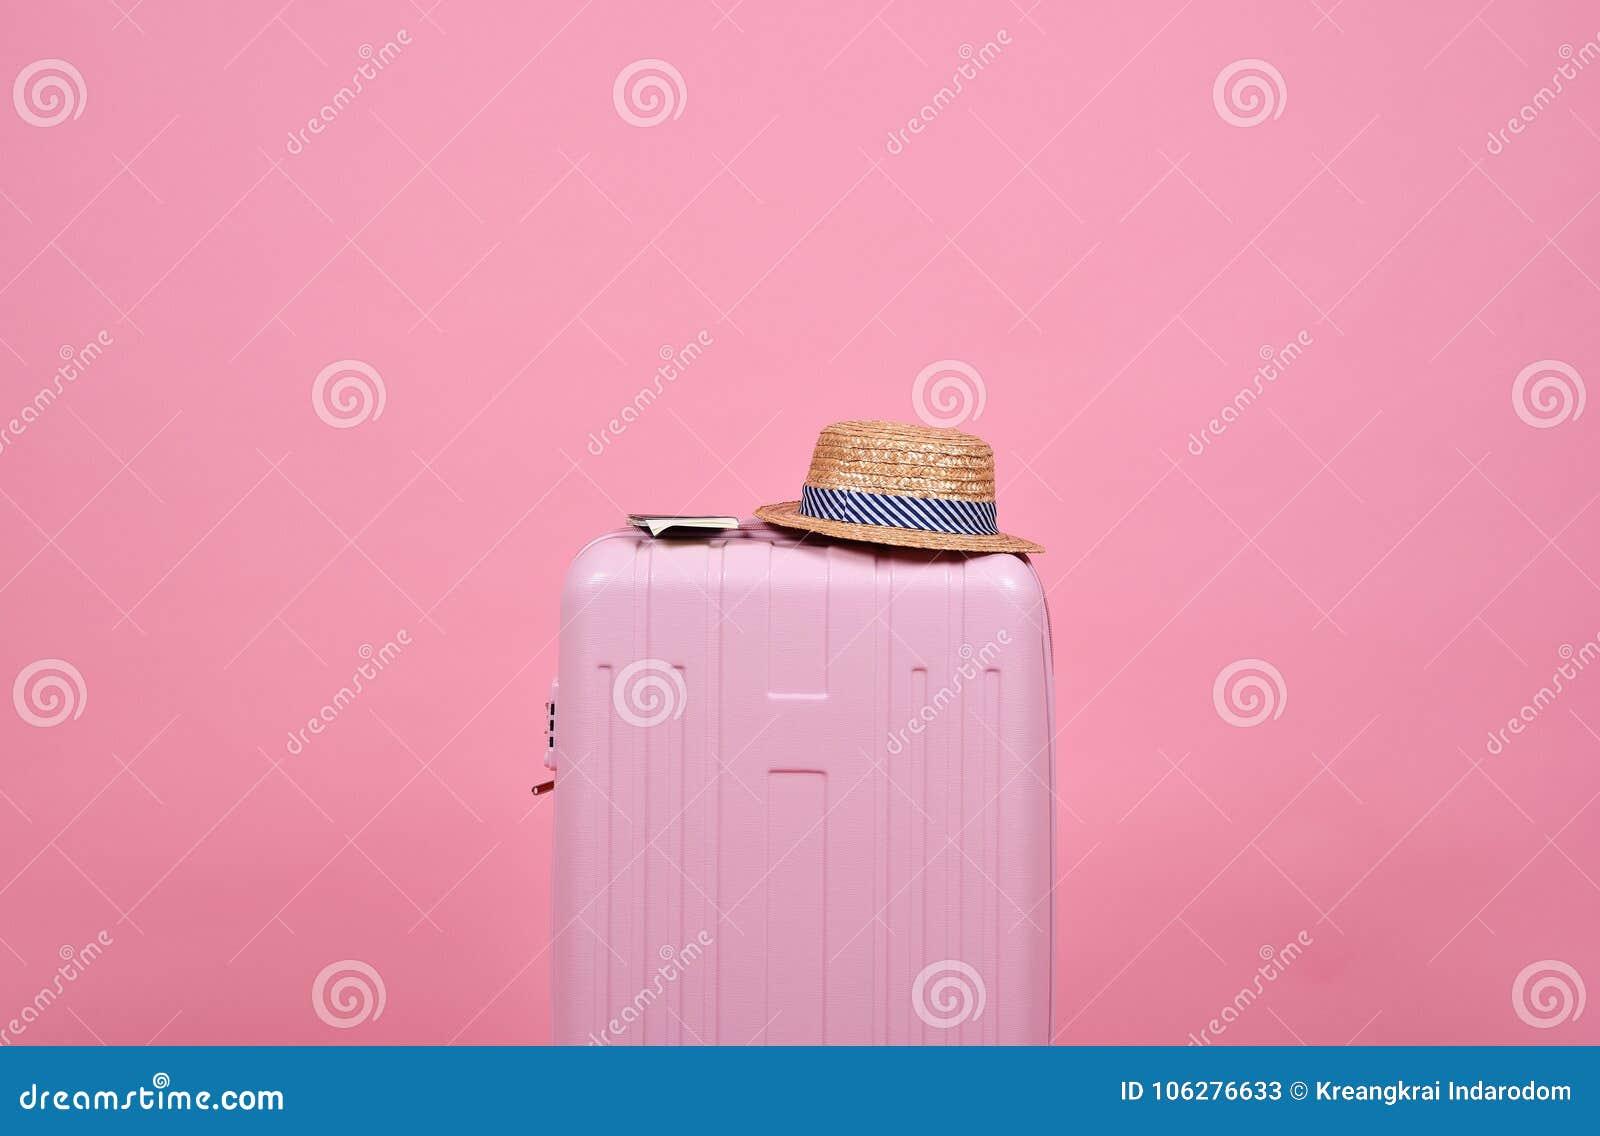 Valigia del viaggiatore e documento rosa del passaporto sopra fondo, il viaggio ed il viaggio rosa